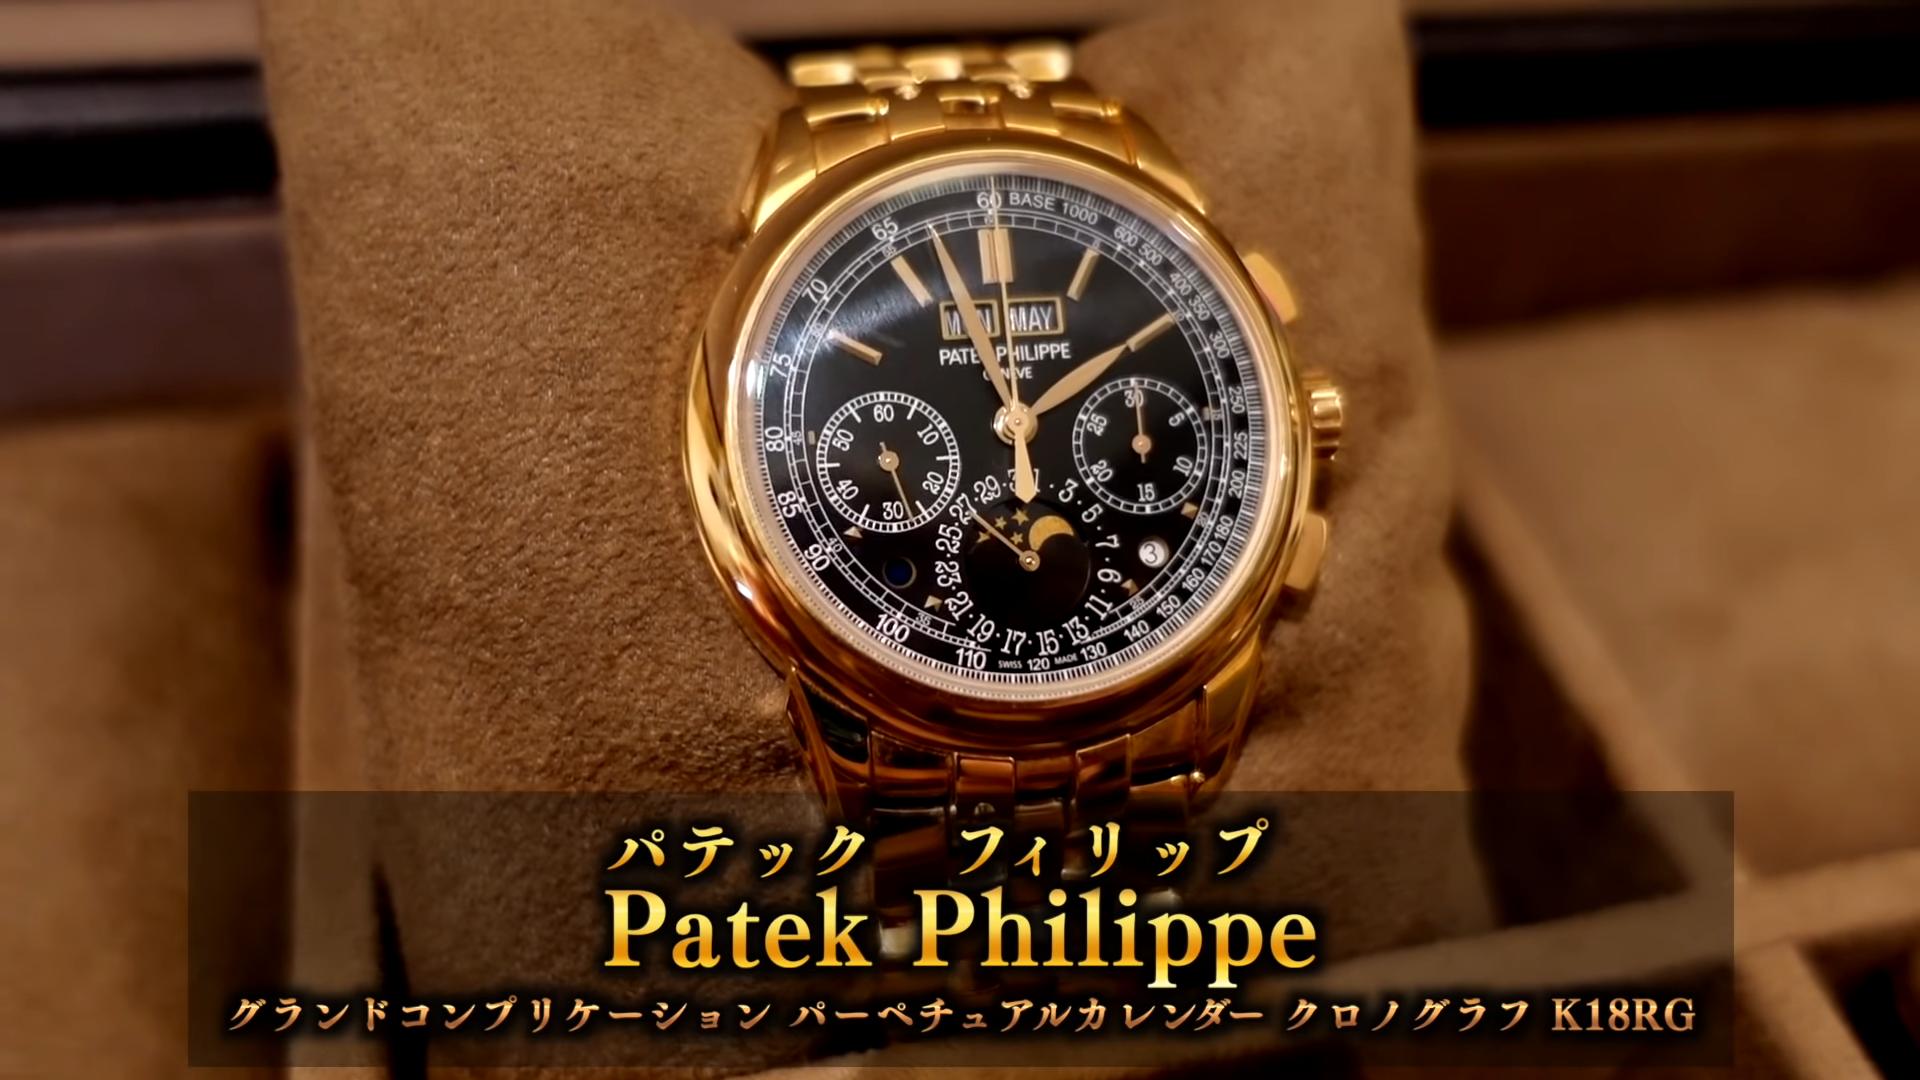 「パテックフィリップ パーペチュアルカレンダー 5270/1R-001」のイメージ画像